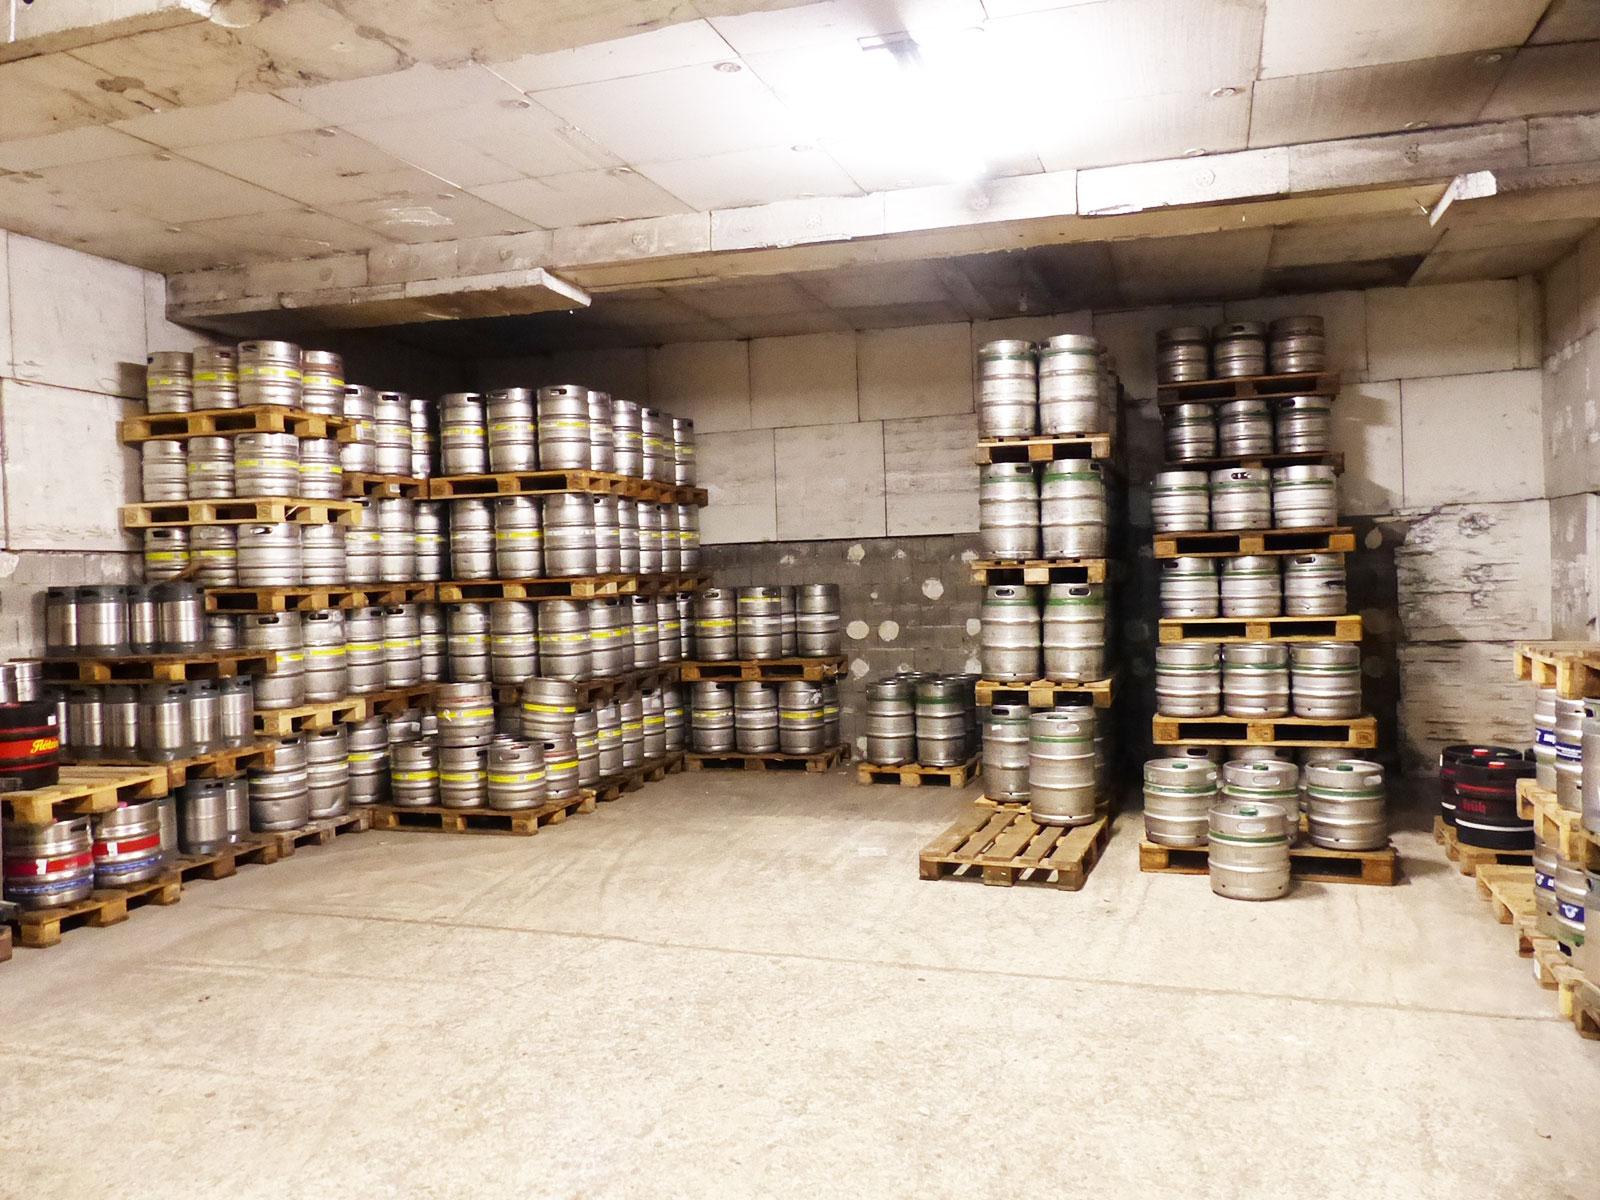 Von A wie Apfelschorle über L wie Limo bis Z wie Zwetschgen-Likör im Getränkehandel von Getränke Zappei - Der Spezialist rund um Ihren Durst in Cochem Sehl an der Mosel